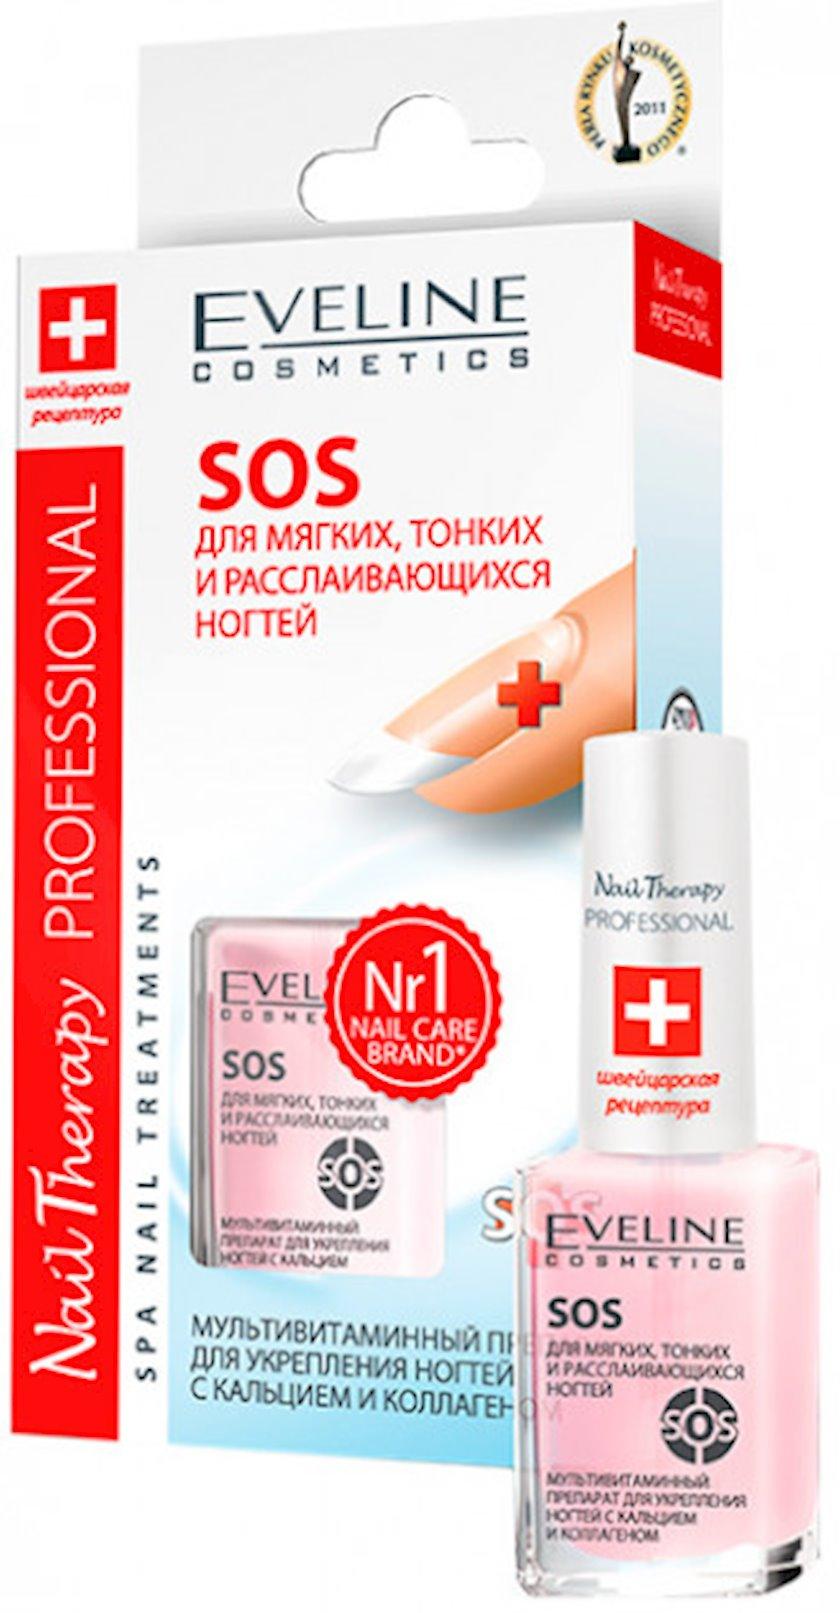 Dırnaqları möhkəmləndirmək üçün kalsium və kollageni  Eveline sos nail therapy professional, 12 ml